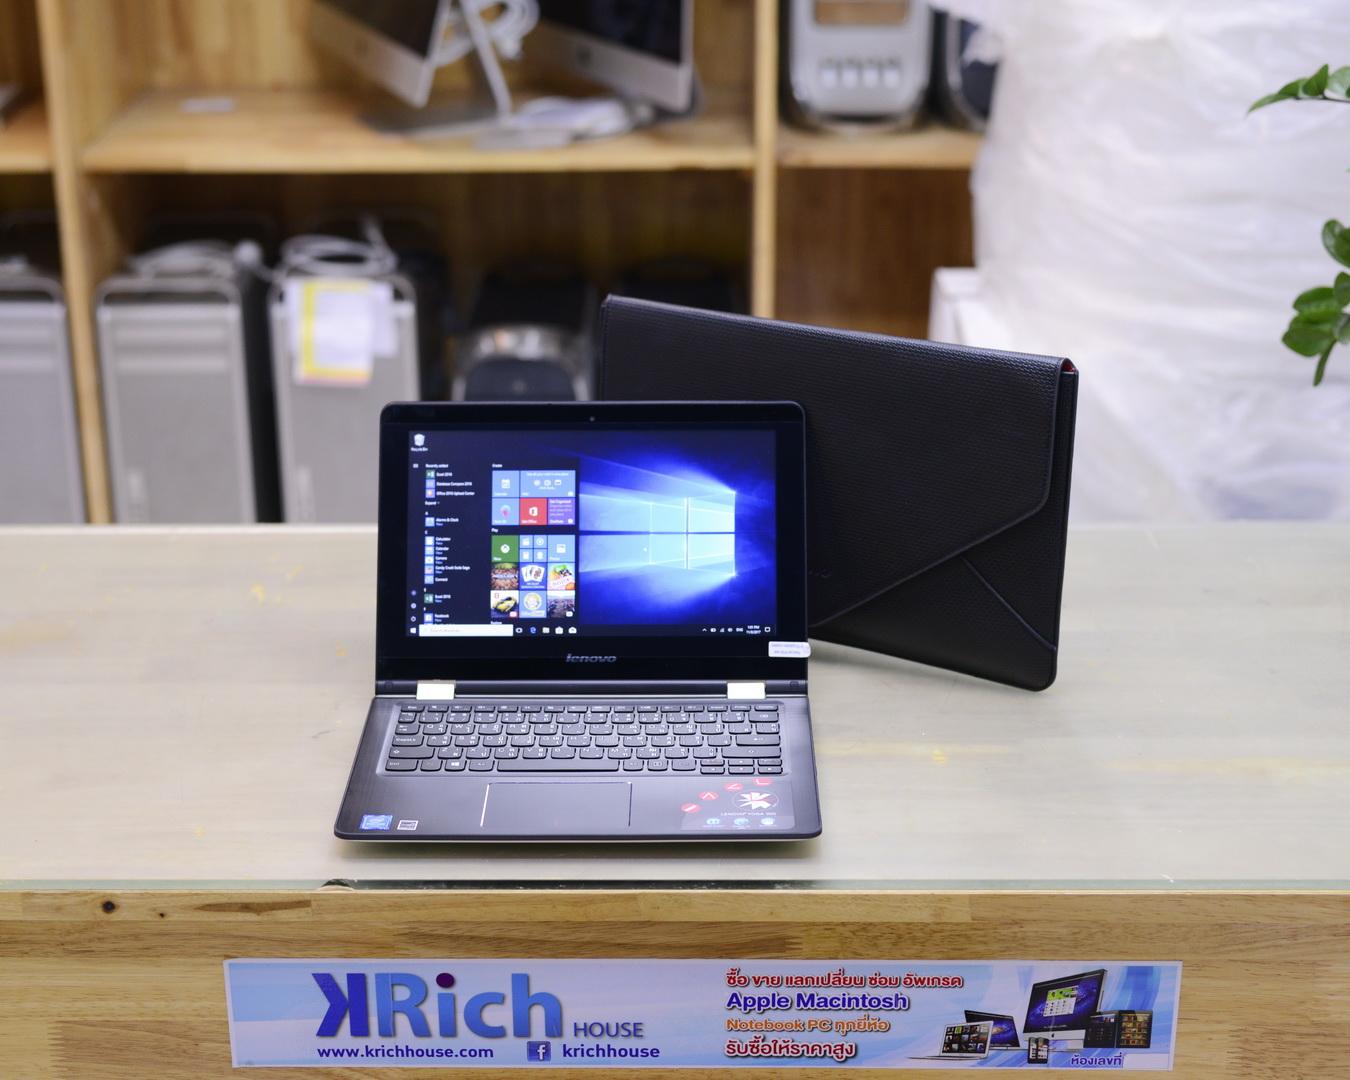 Lenovo Yoga 300-11IBR - Intel Pentium N3700 1.60-2.60GHz RAM 4GB HDD 500GB Windows 10 Home - Warranty On-site 09/08/2019